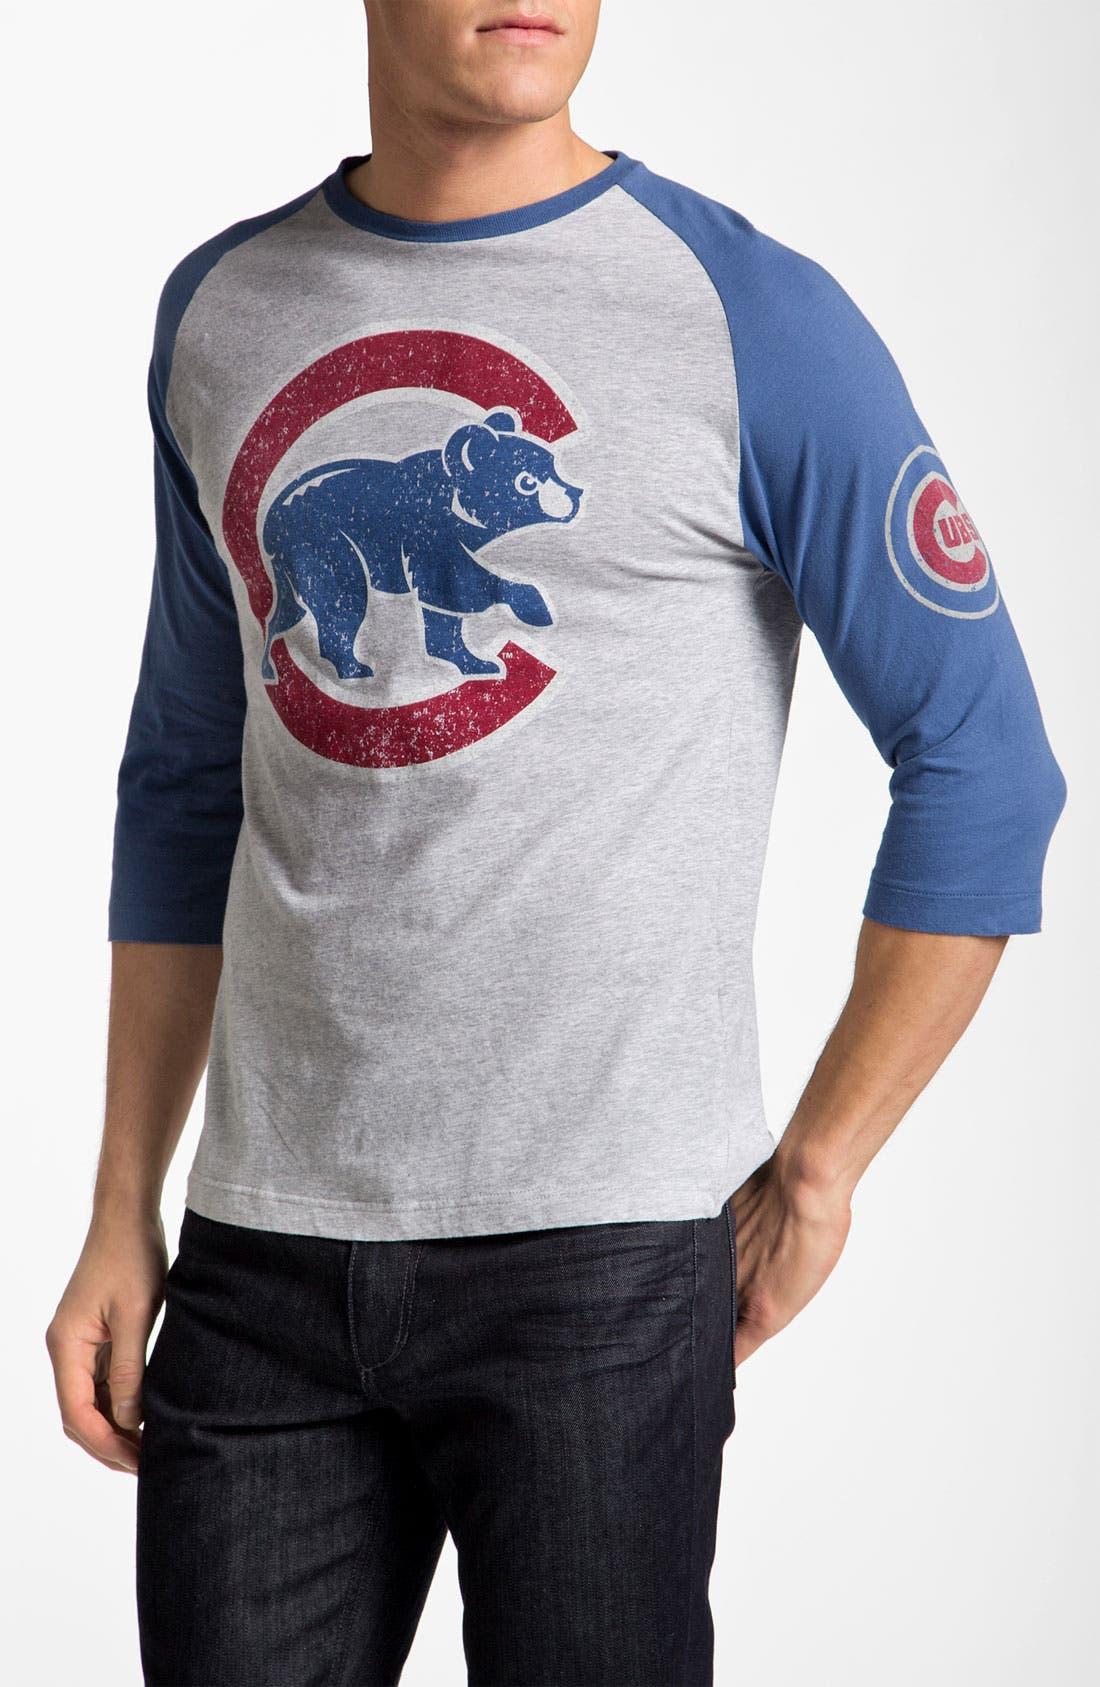 Main Image - Wright & Ditson 'Chicago Cubs' Baseball T-Shirt